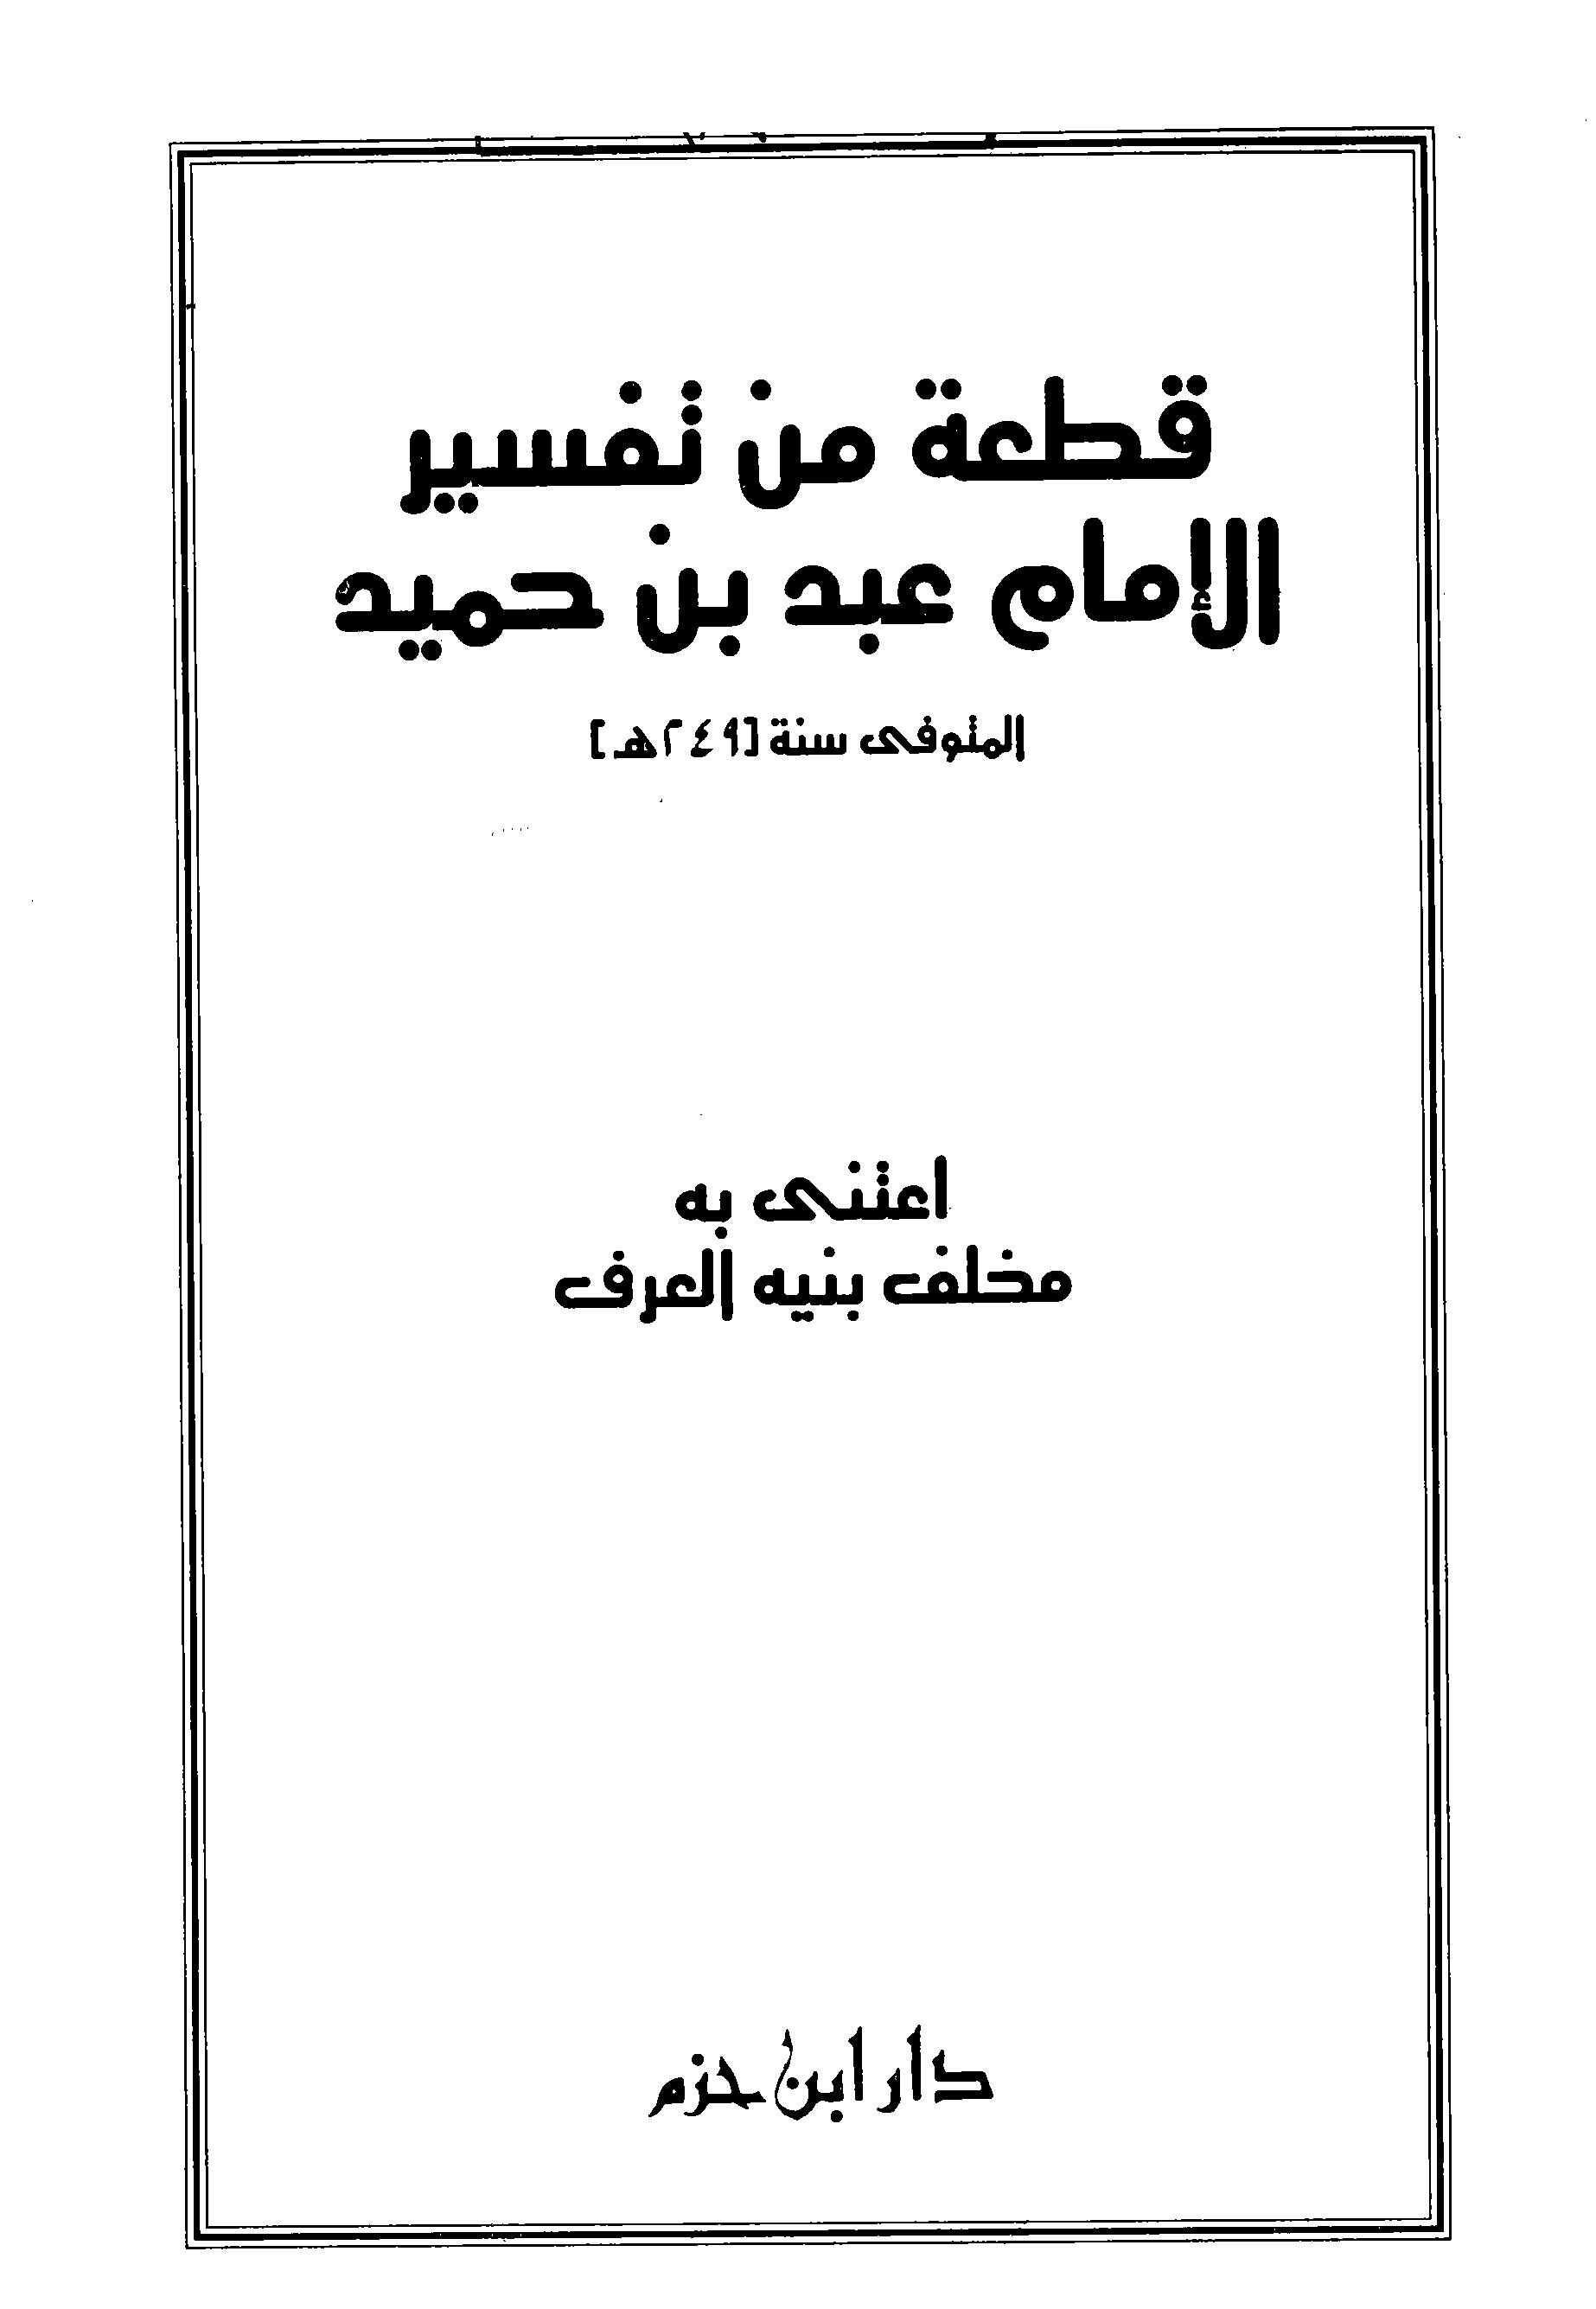 تحميل كتاب قطعة من تفسير الإمام عبد بن حميد لـِ: الإمام أبو محمد عبد بن حميد بن نصر الكسي، ويقال: الكشي (ت 249)